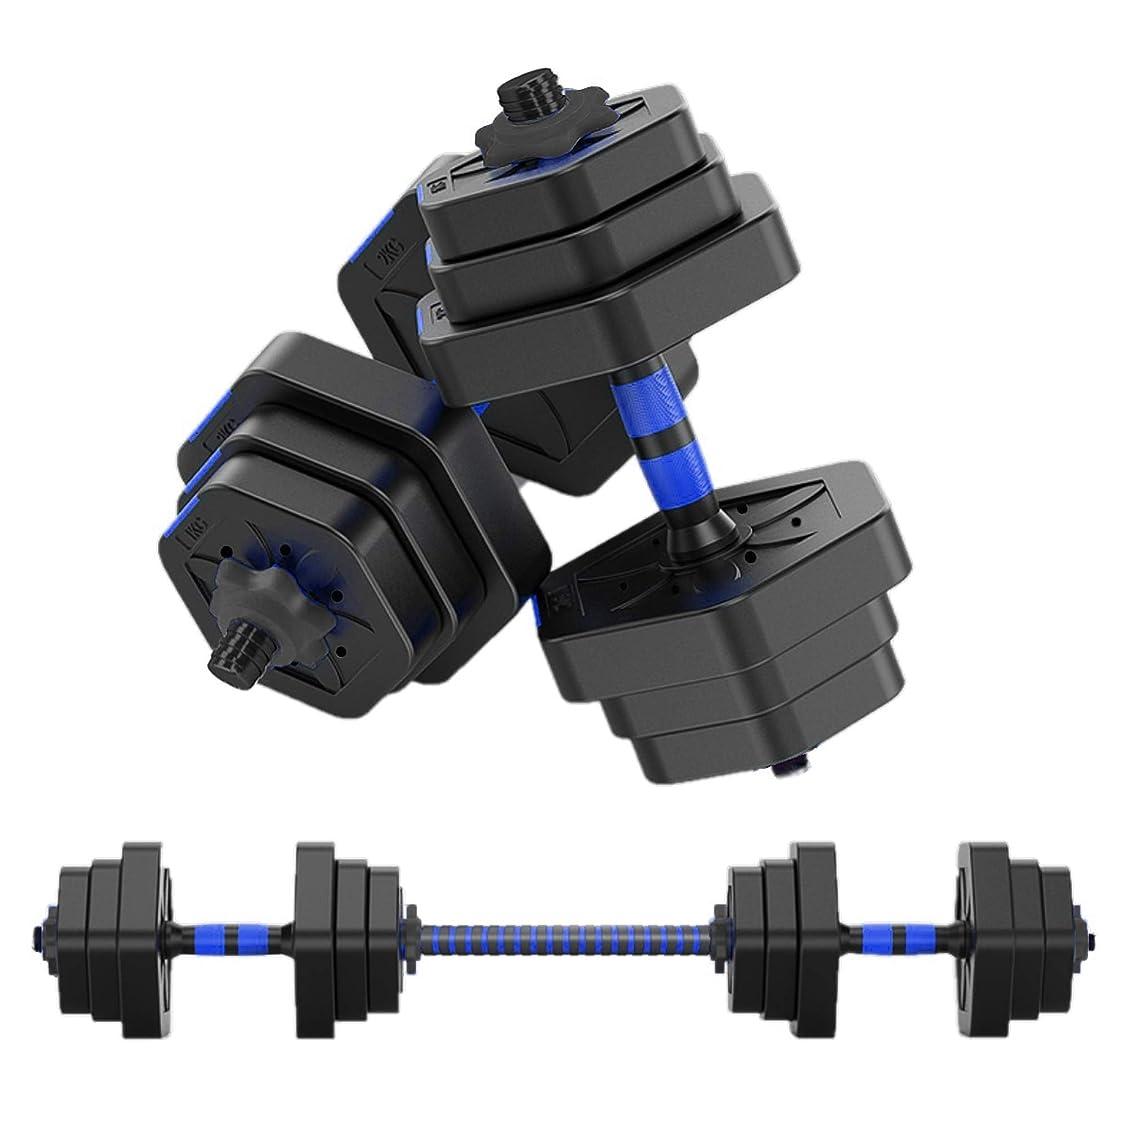 ニックネーム一晩トロピカルMOJEER ダンベル【最新進化版?3in1】5kg×2個セット (10kg)/10kg×2個セット (20kg)/20kg×2個セット (40kg) ポリエチレン製 筋力トレーニング ダイエット シェイプアップ 静音 008